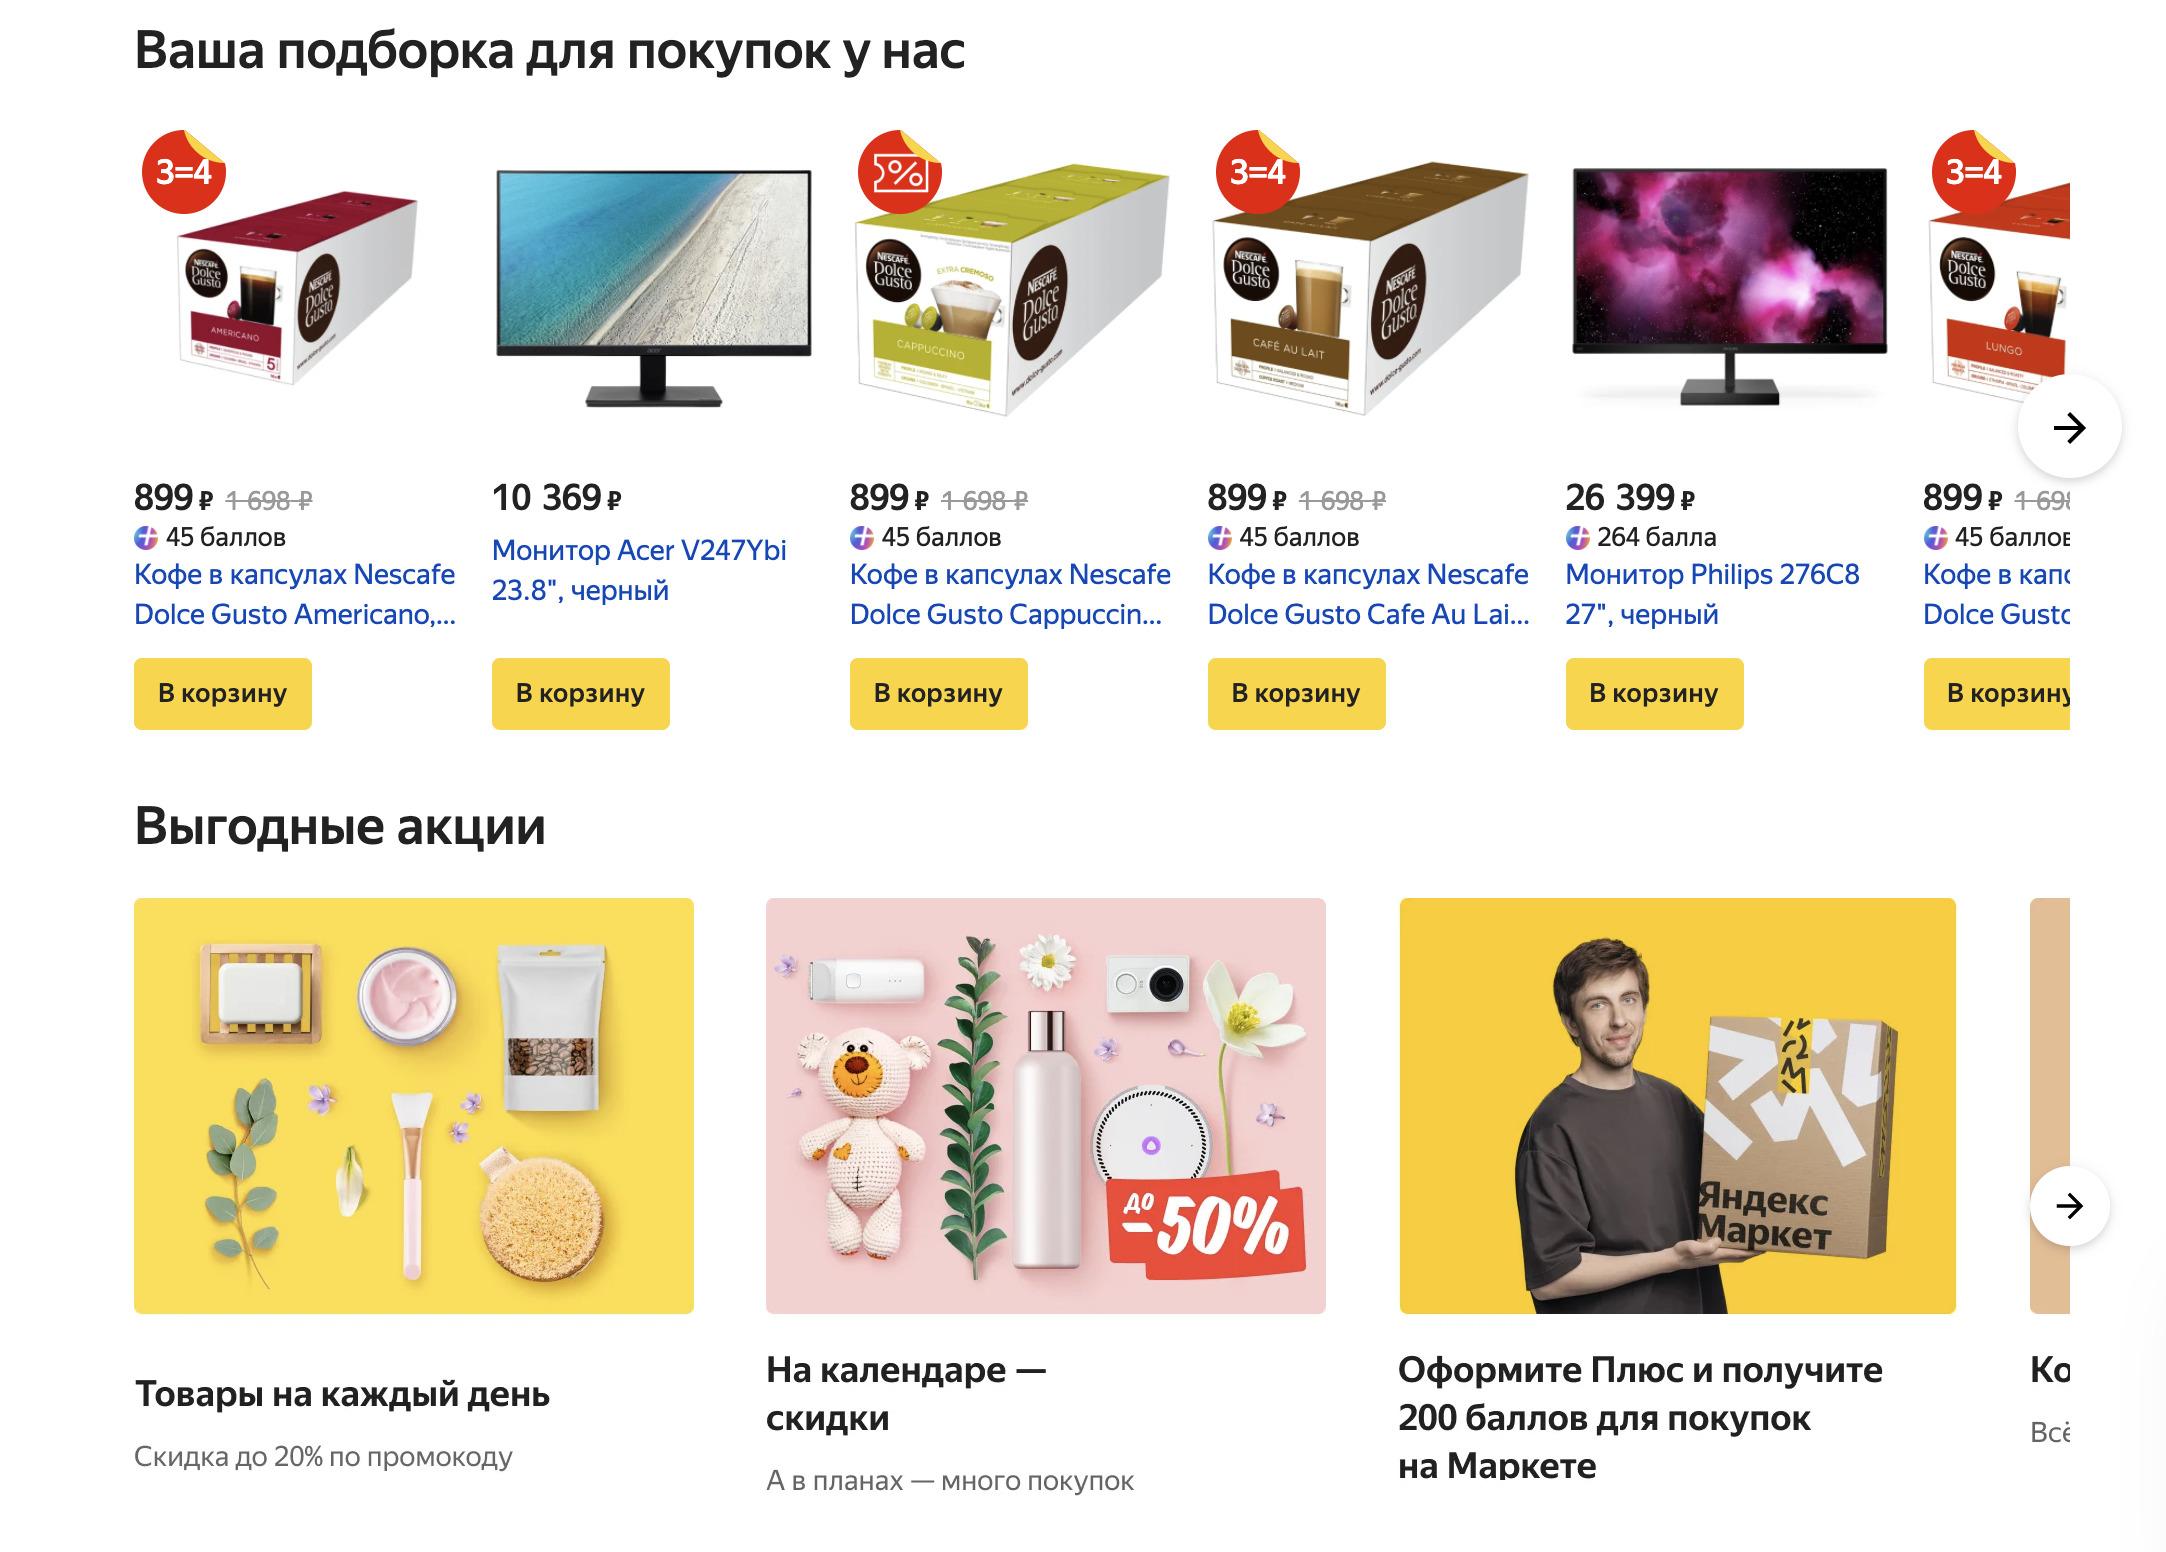 Доставка из Яндекс.Маркет в Волгодонск, сроки, пункты выдачи, каталог